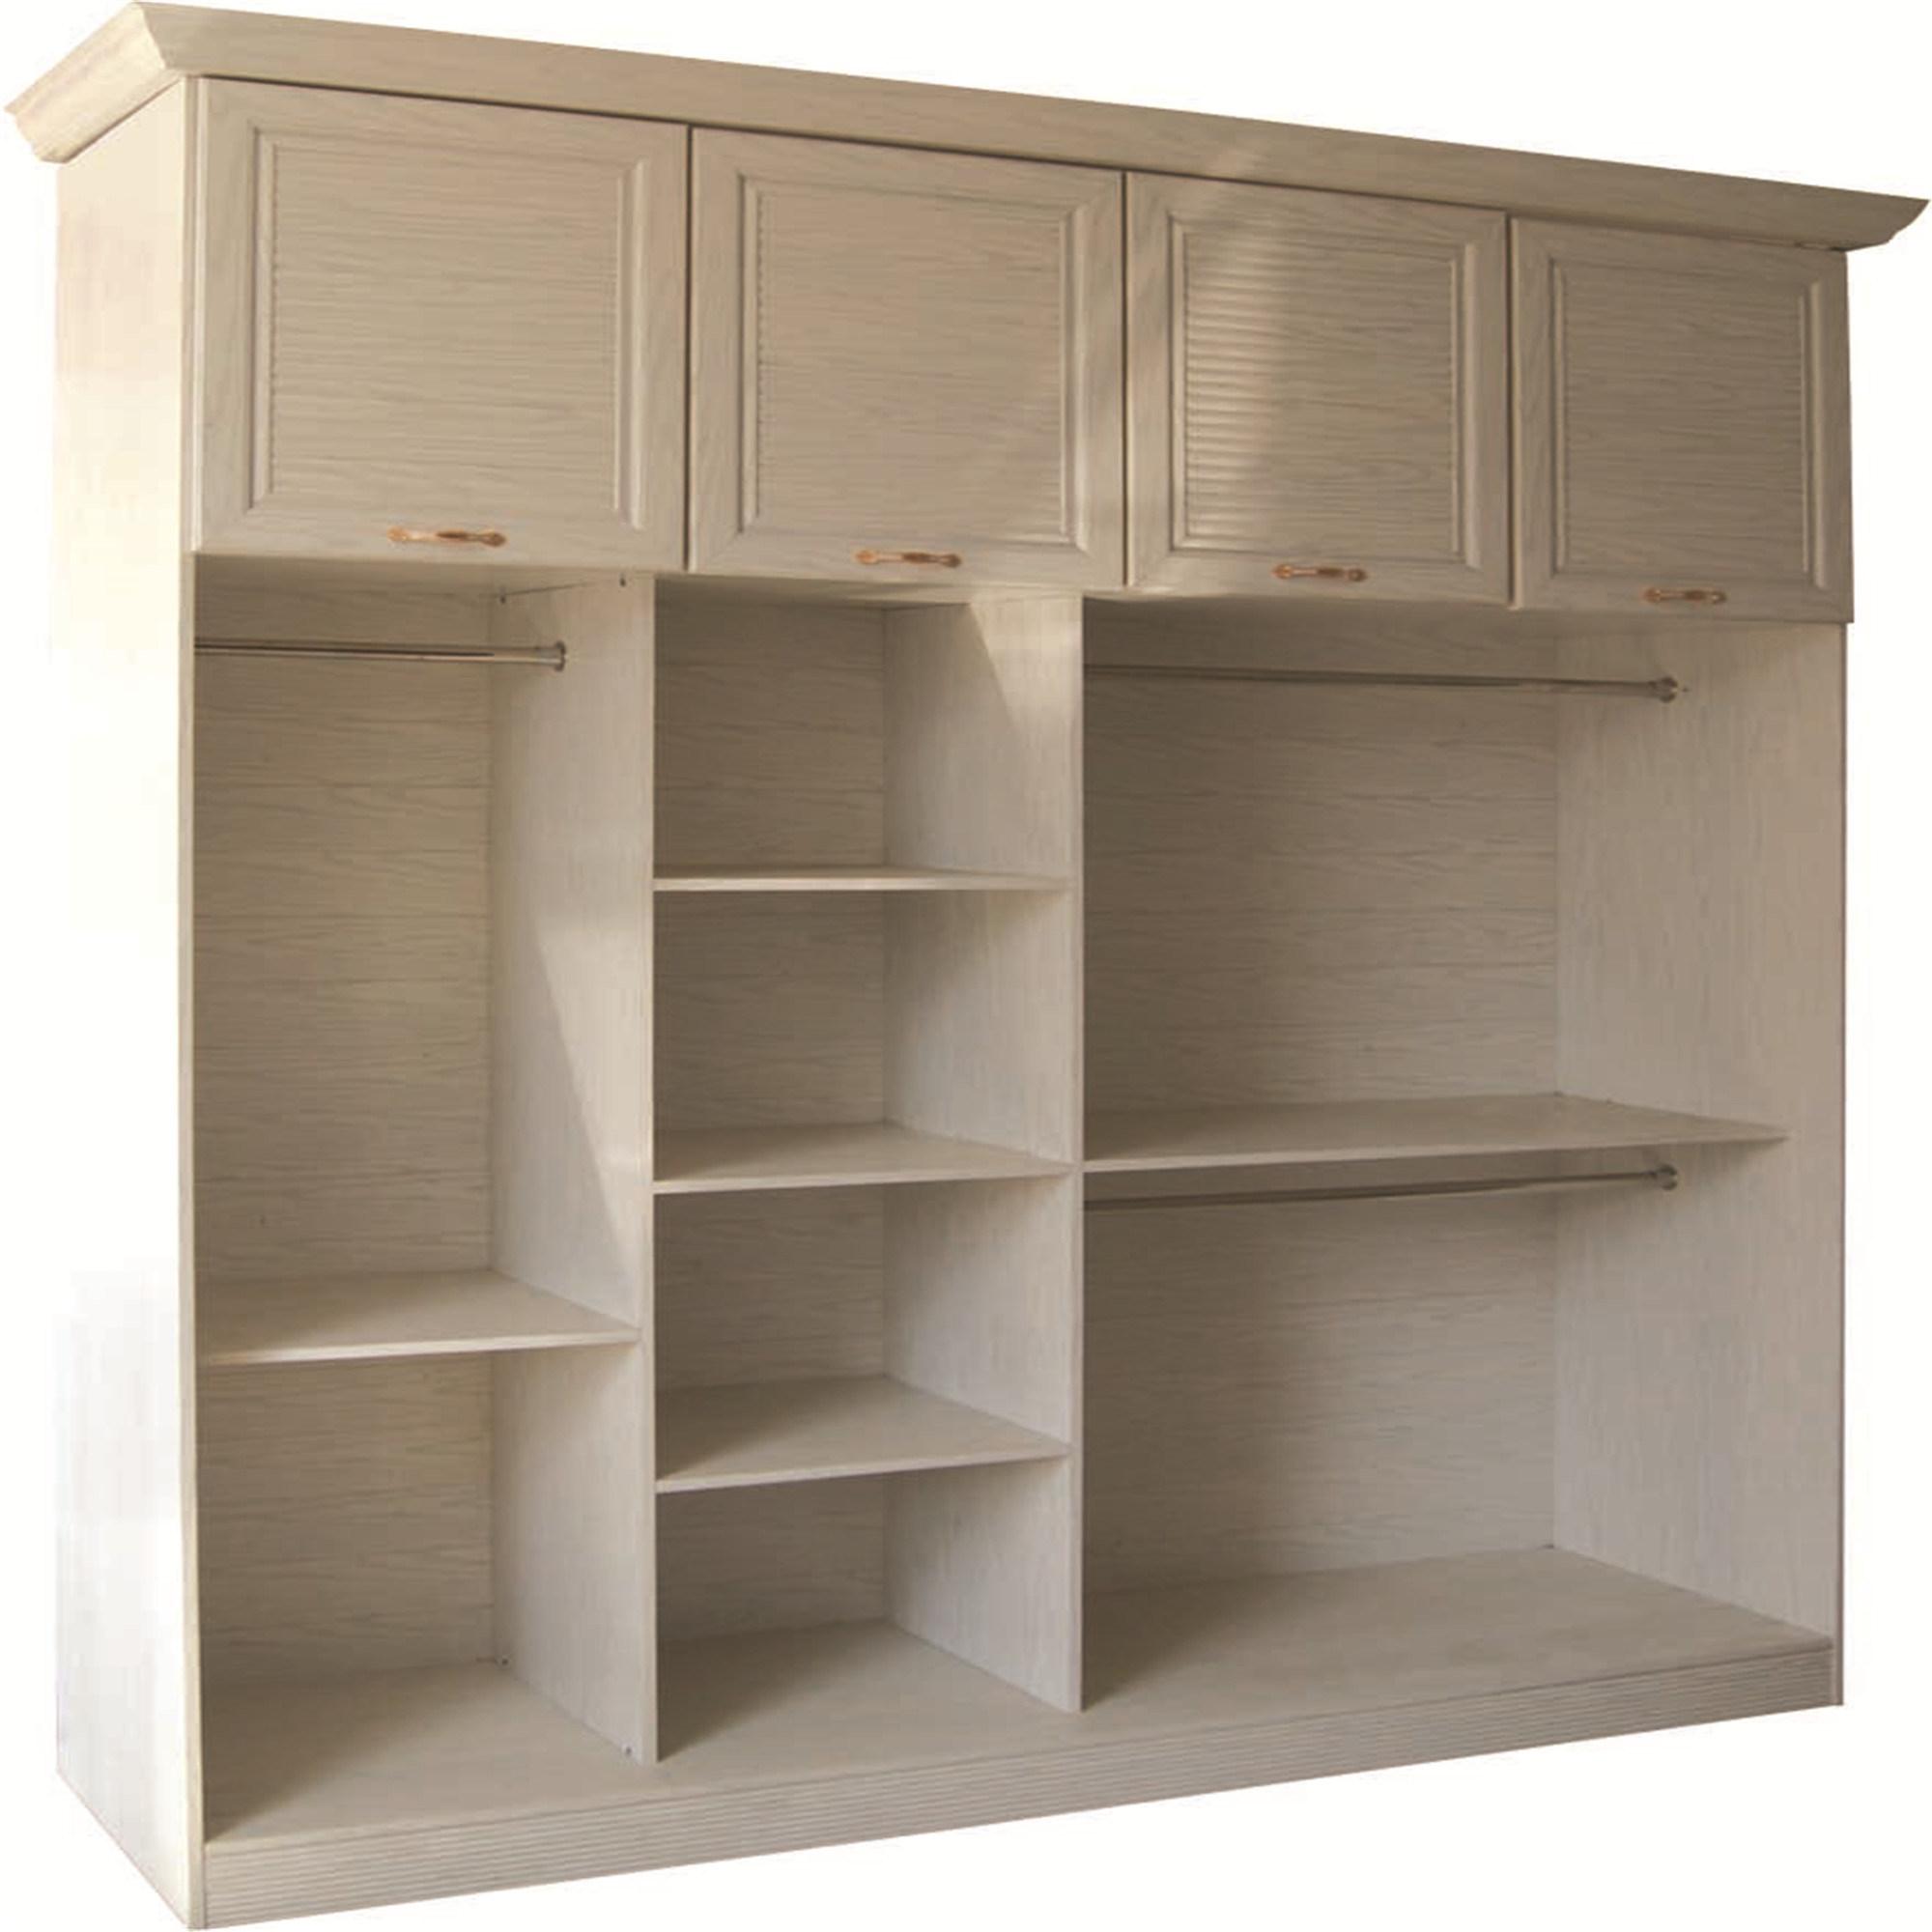 Hot Item China Factory Price Aluminium Extrusion Aluminum Kitchen Cabinet